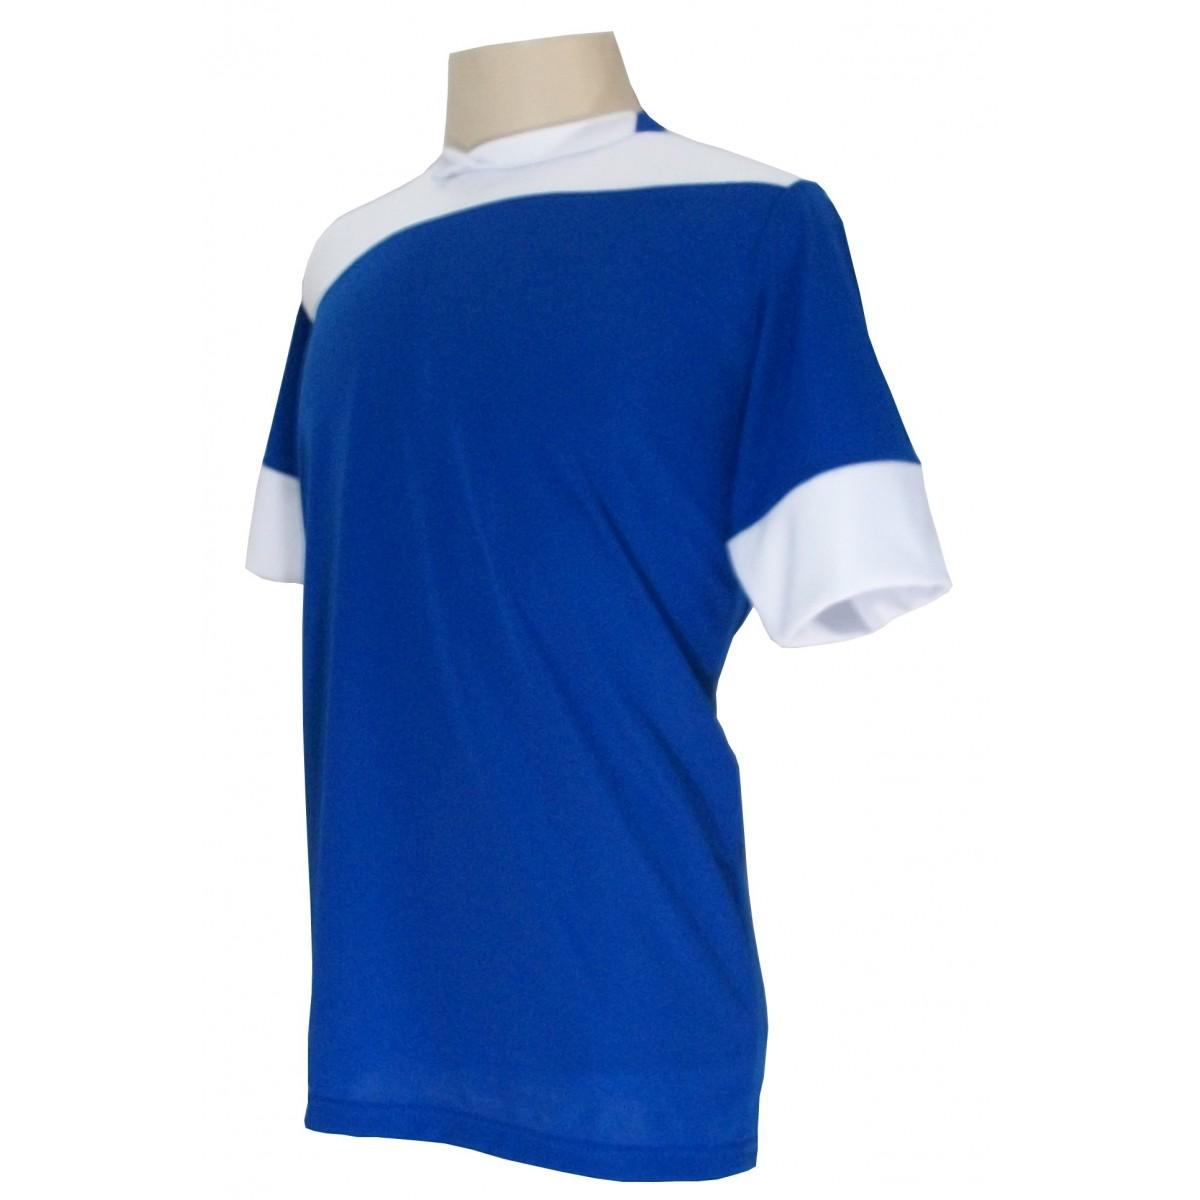 Uniforme Esportivo com 14 camisas modelo Sporting Royal/Branco + 14 calções modelo Madrid Branco + Brindes